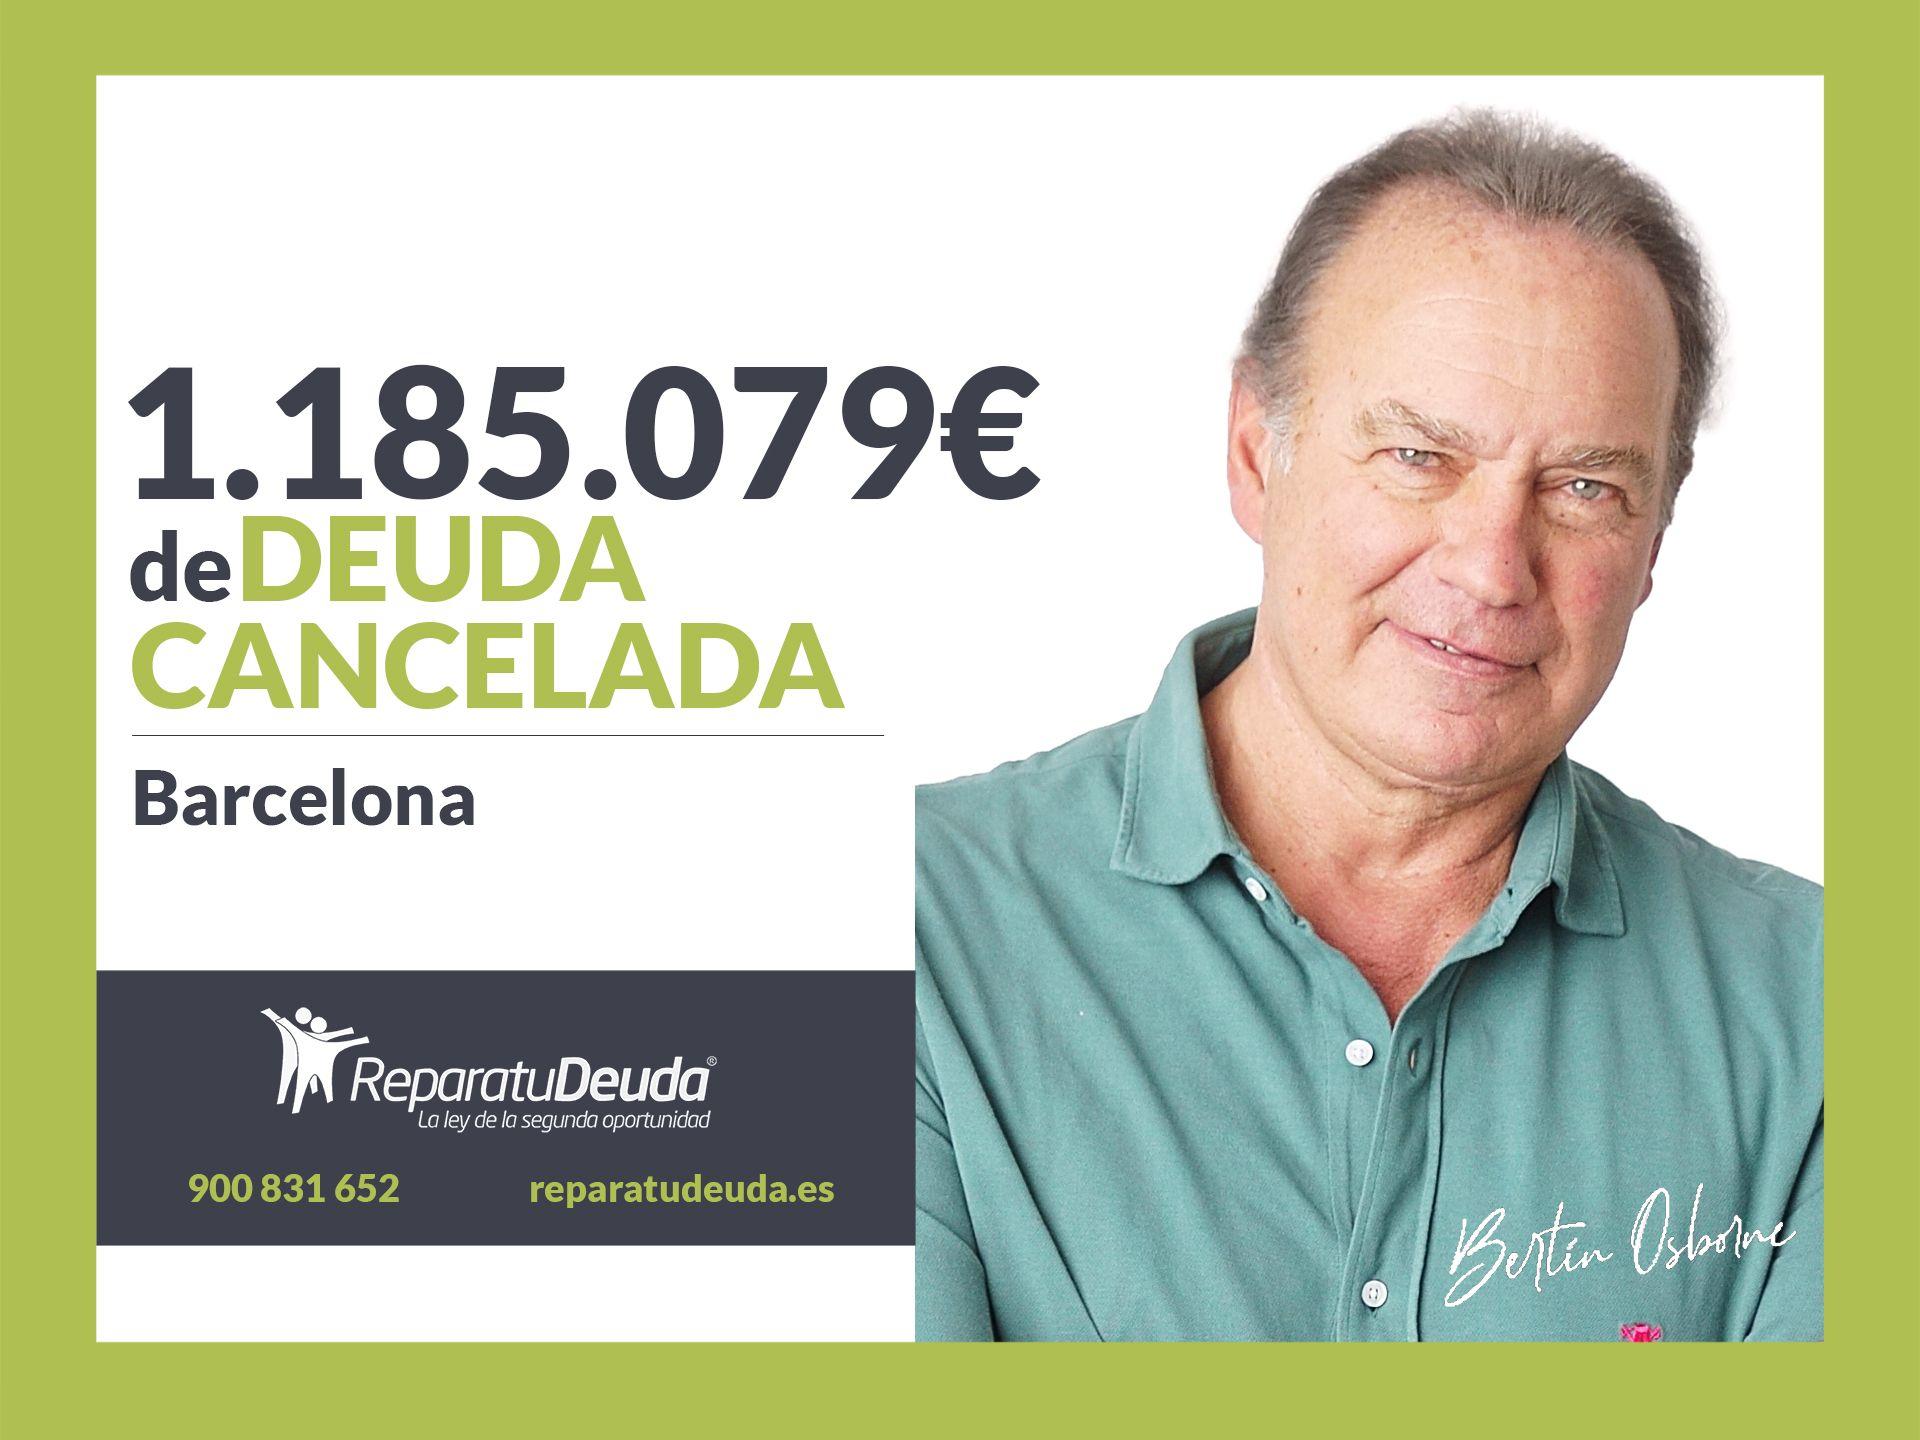 Repara tu Deuda Abogados cancela 1.185.079 ? en Barcelona (Catalunya) con la Ley de la Segunda Oportunidad